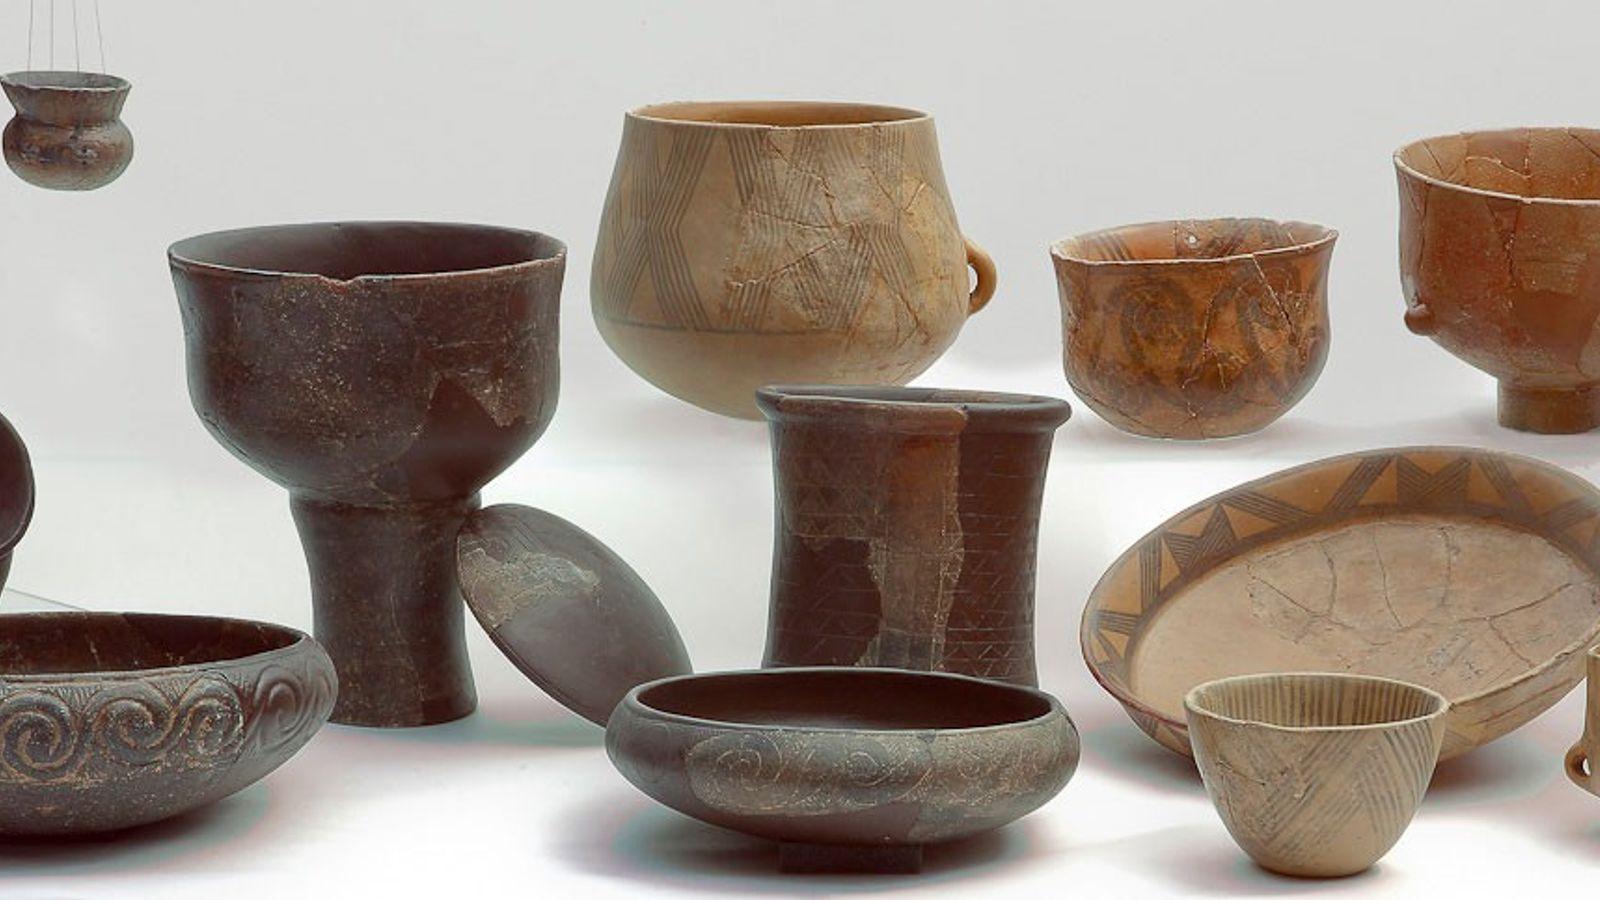 Esta variedade de cerâmicas do Neolítico Médio representa os tipos analisados em um estudo de queijos ...